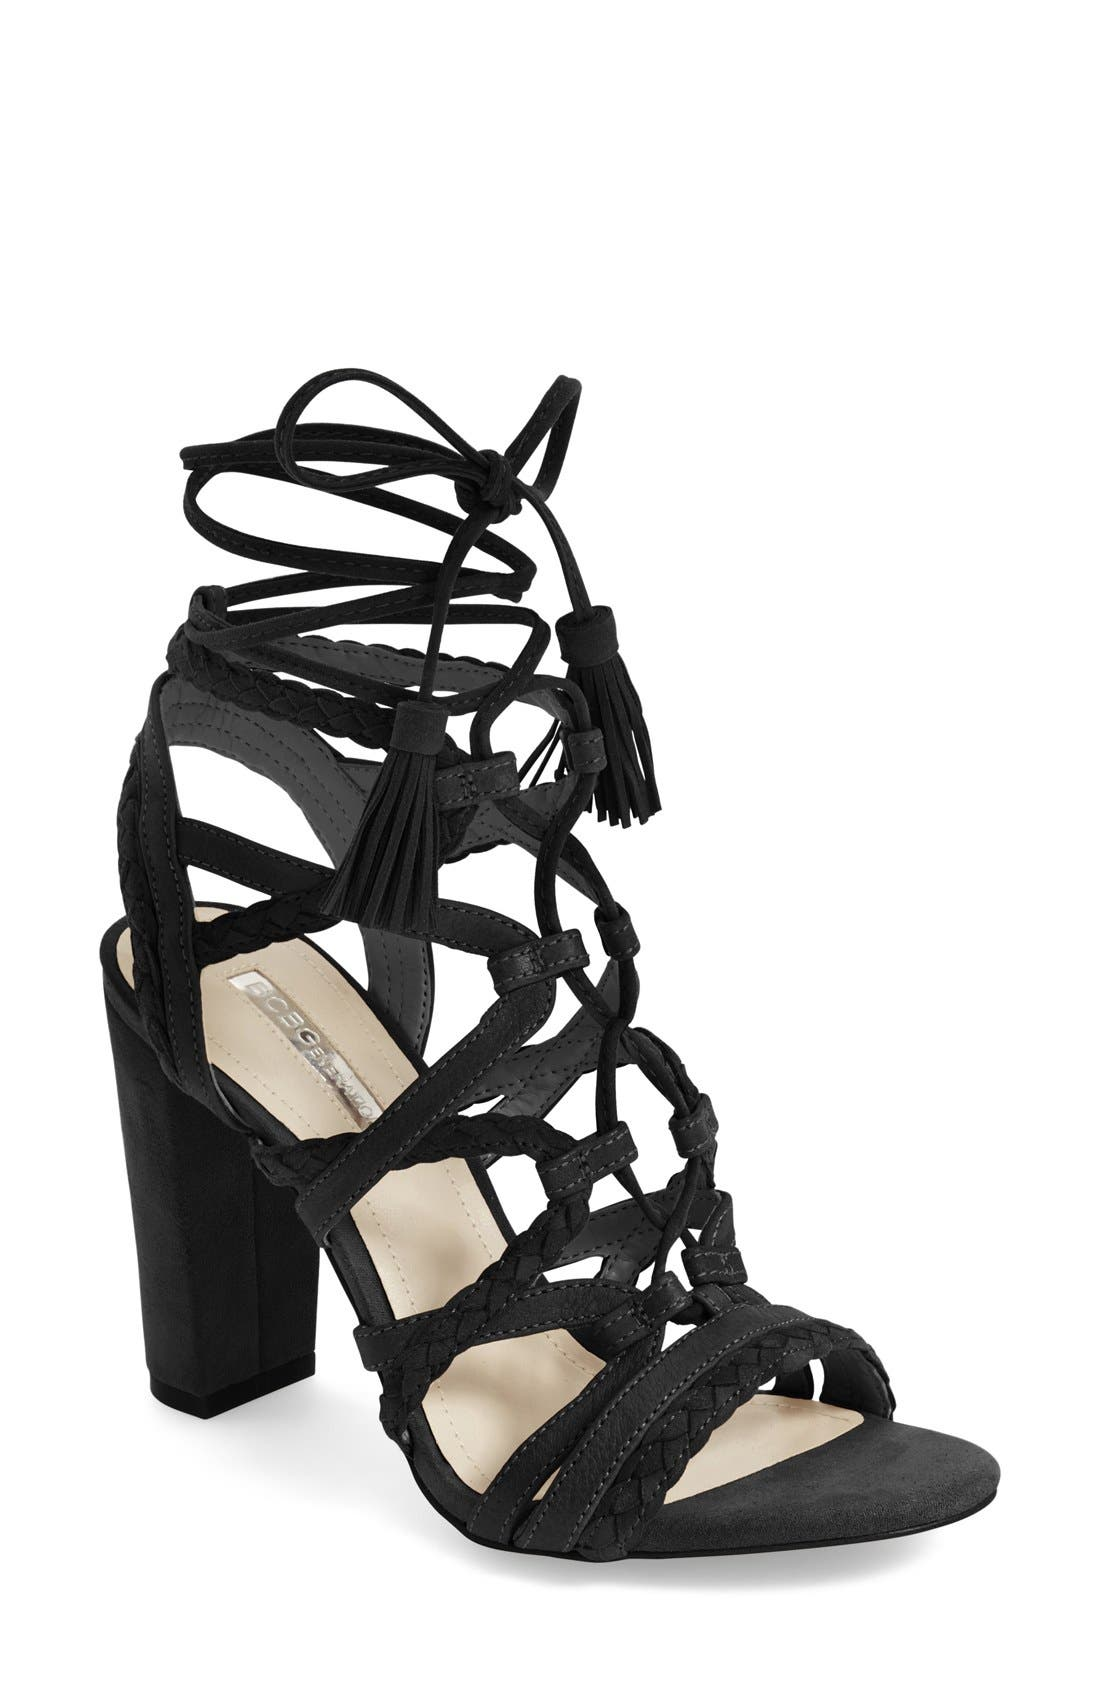 'Ronny' Lace-Up Sandal, Main, color, 001